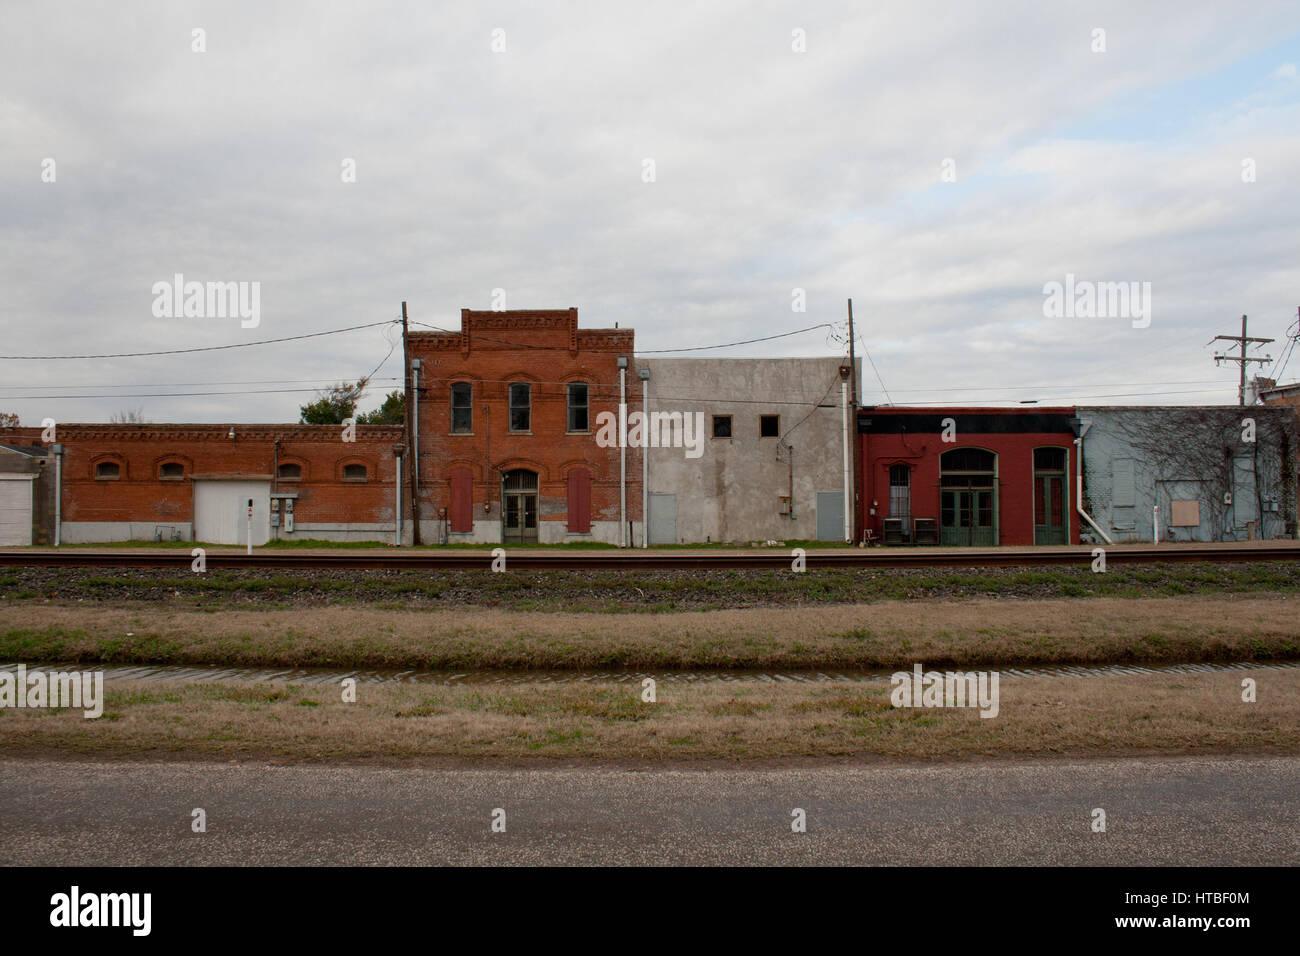 Capeado fachadas de edificios históricos a lo largo de una vía férrea en un pueblo rural en Texas. Foto de stock